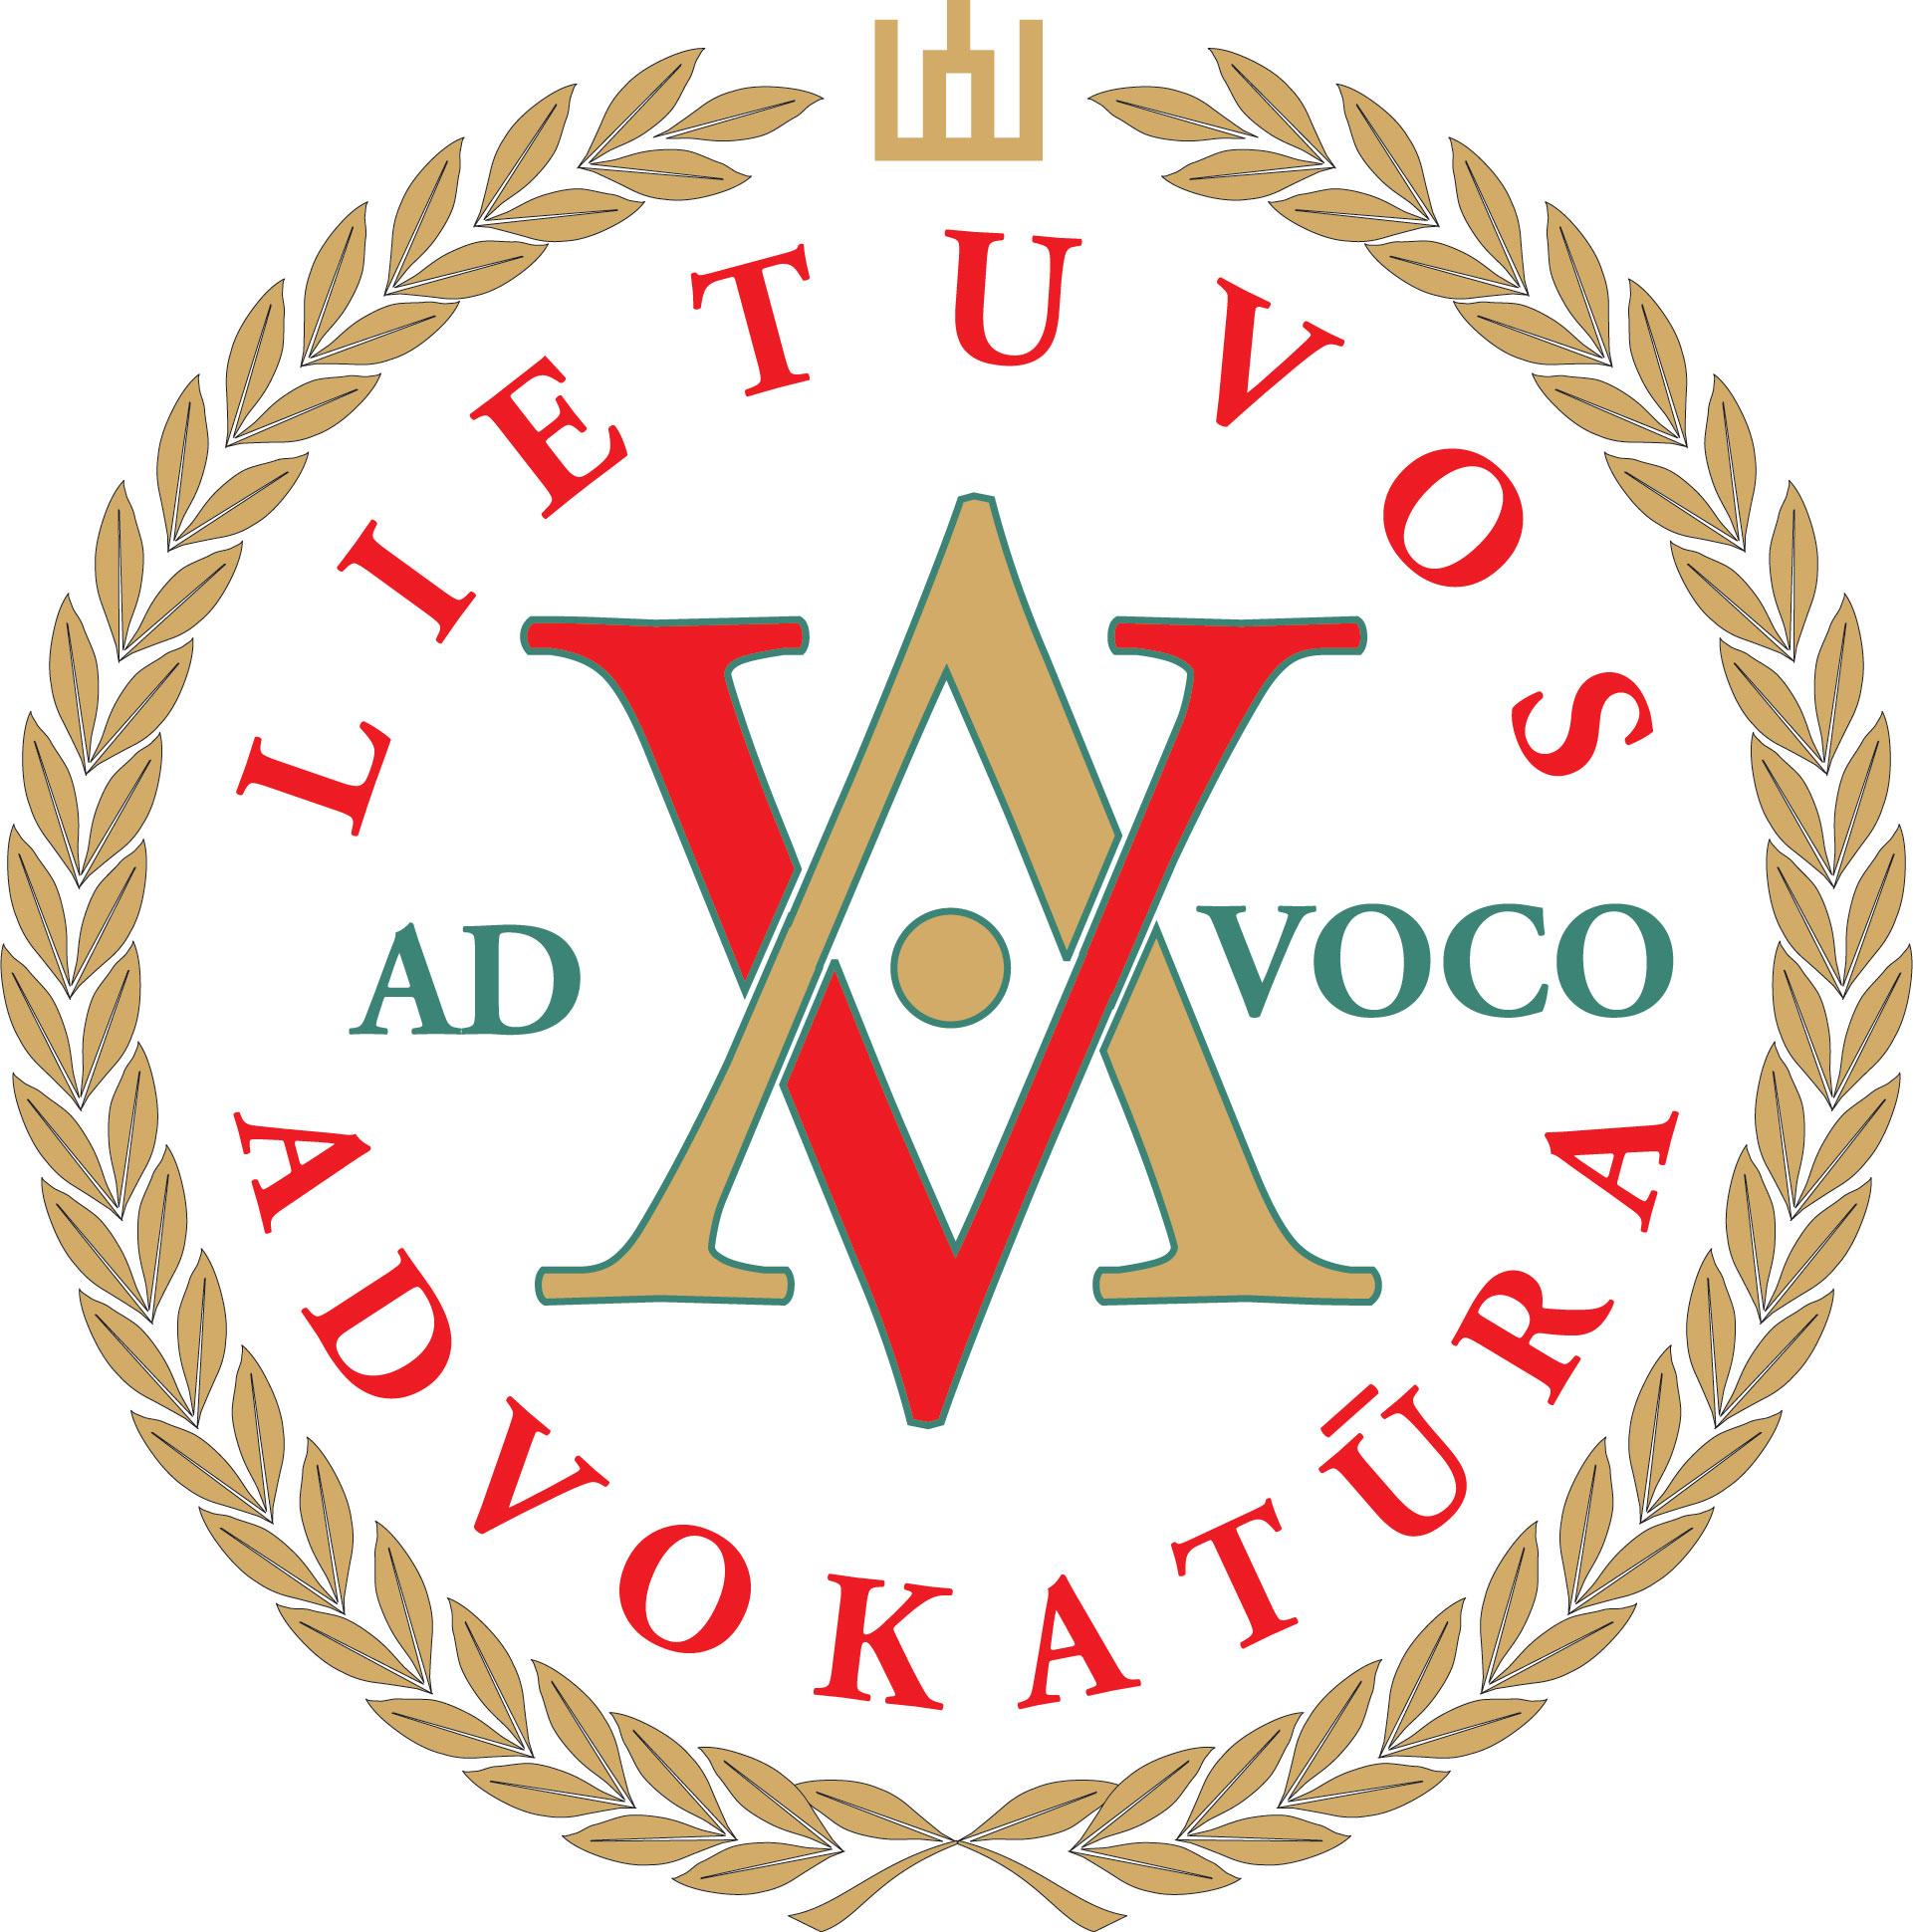 lietuvos-advokatura